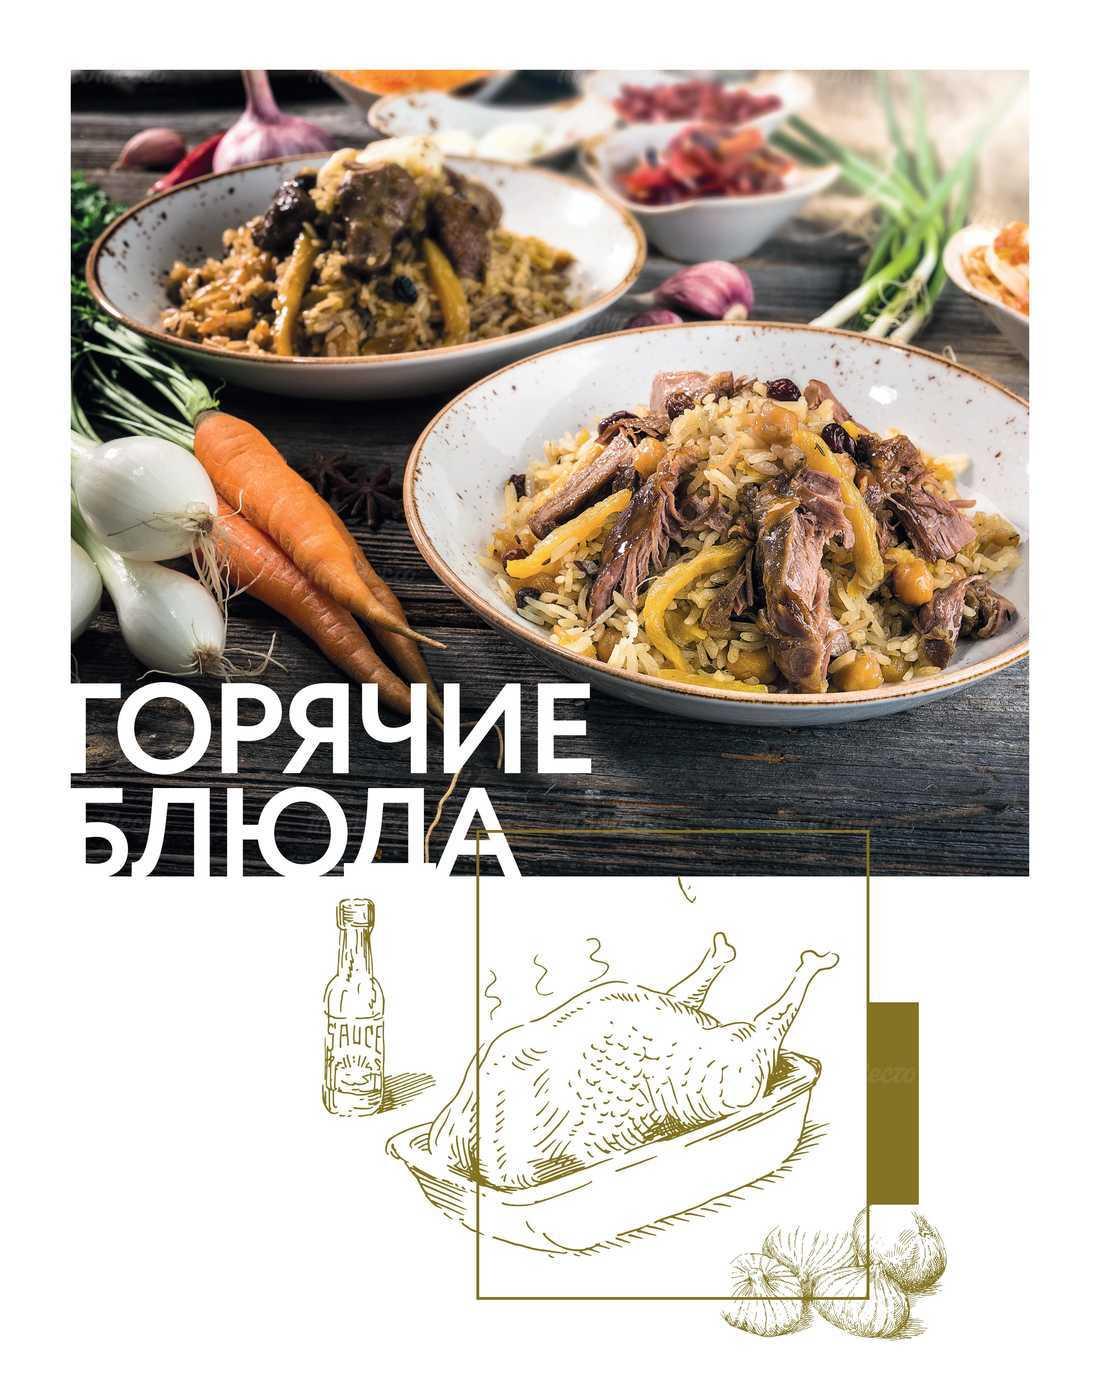 Меню ресторана Гранд Урюк (Grand Урюк) на Долгоруковской улице фото 20